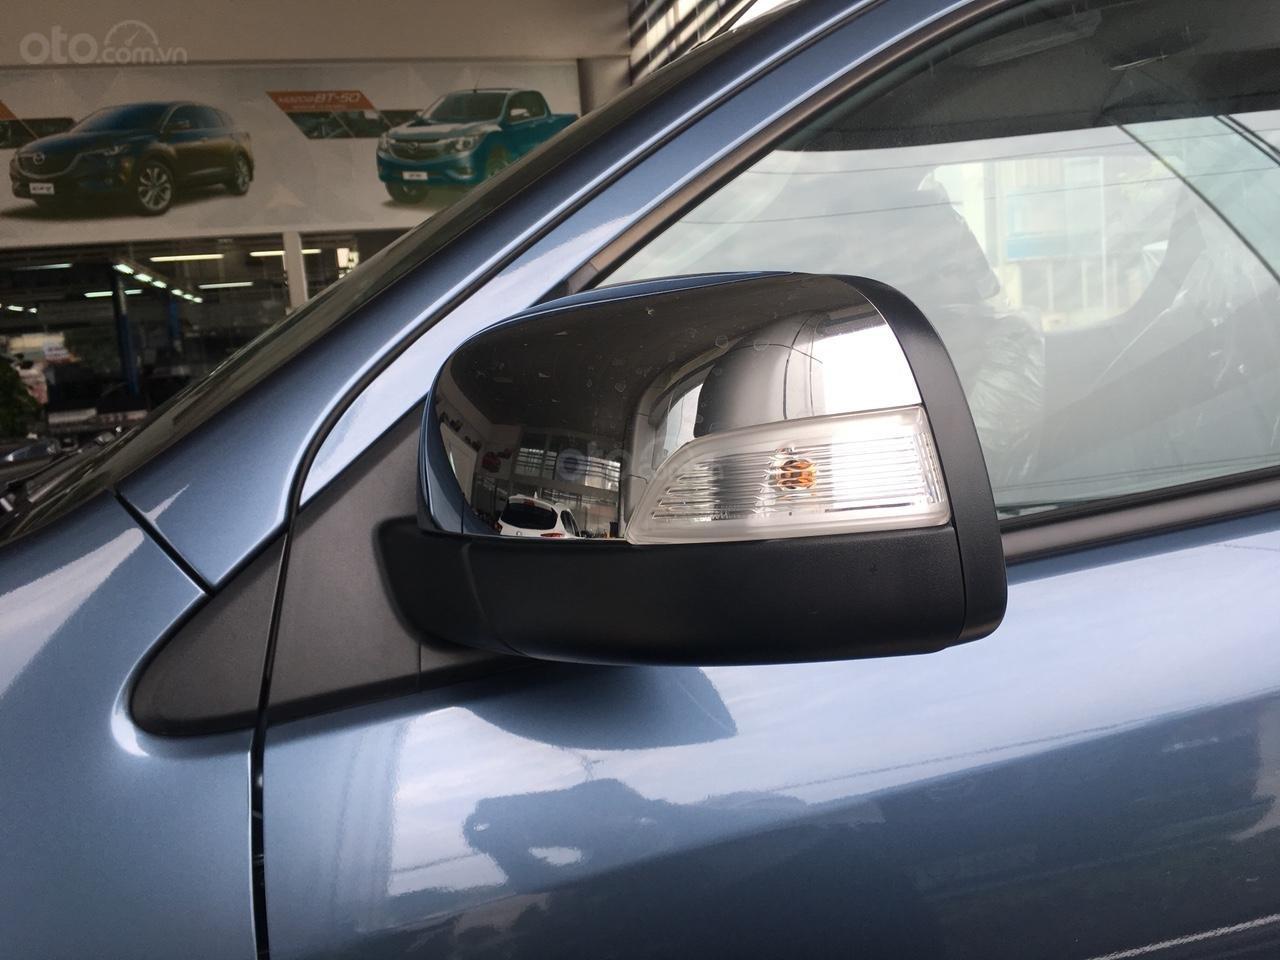 Bán BT 50 sẵn xe giao ngay, đủ màu, giá tốt, LH: 0944601785 để nhận giá ưu đãi (11)